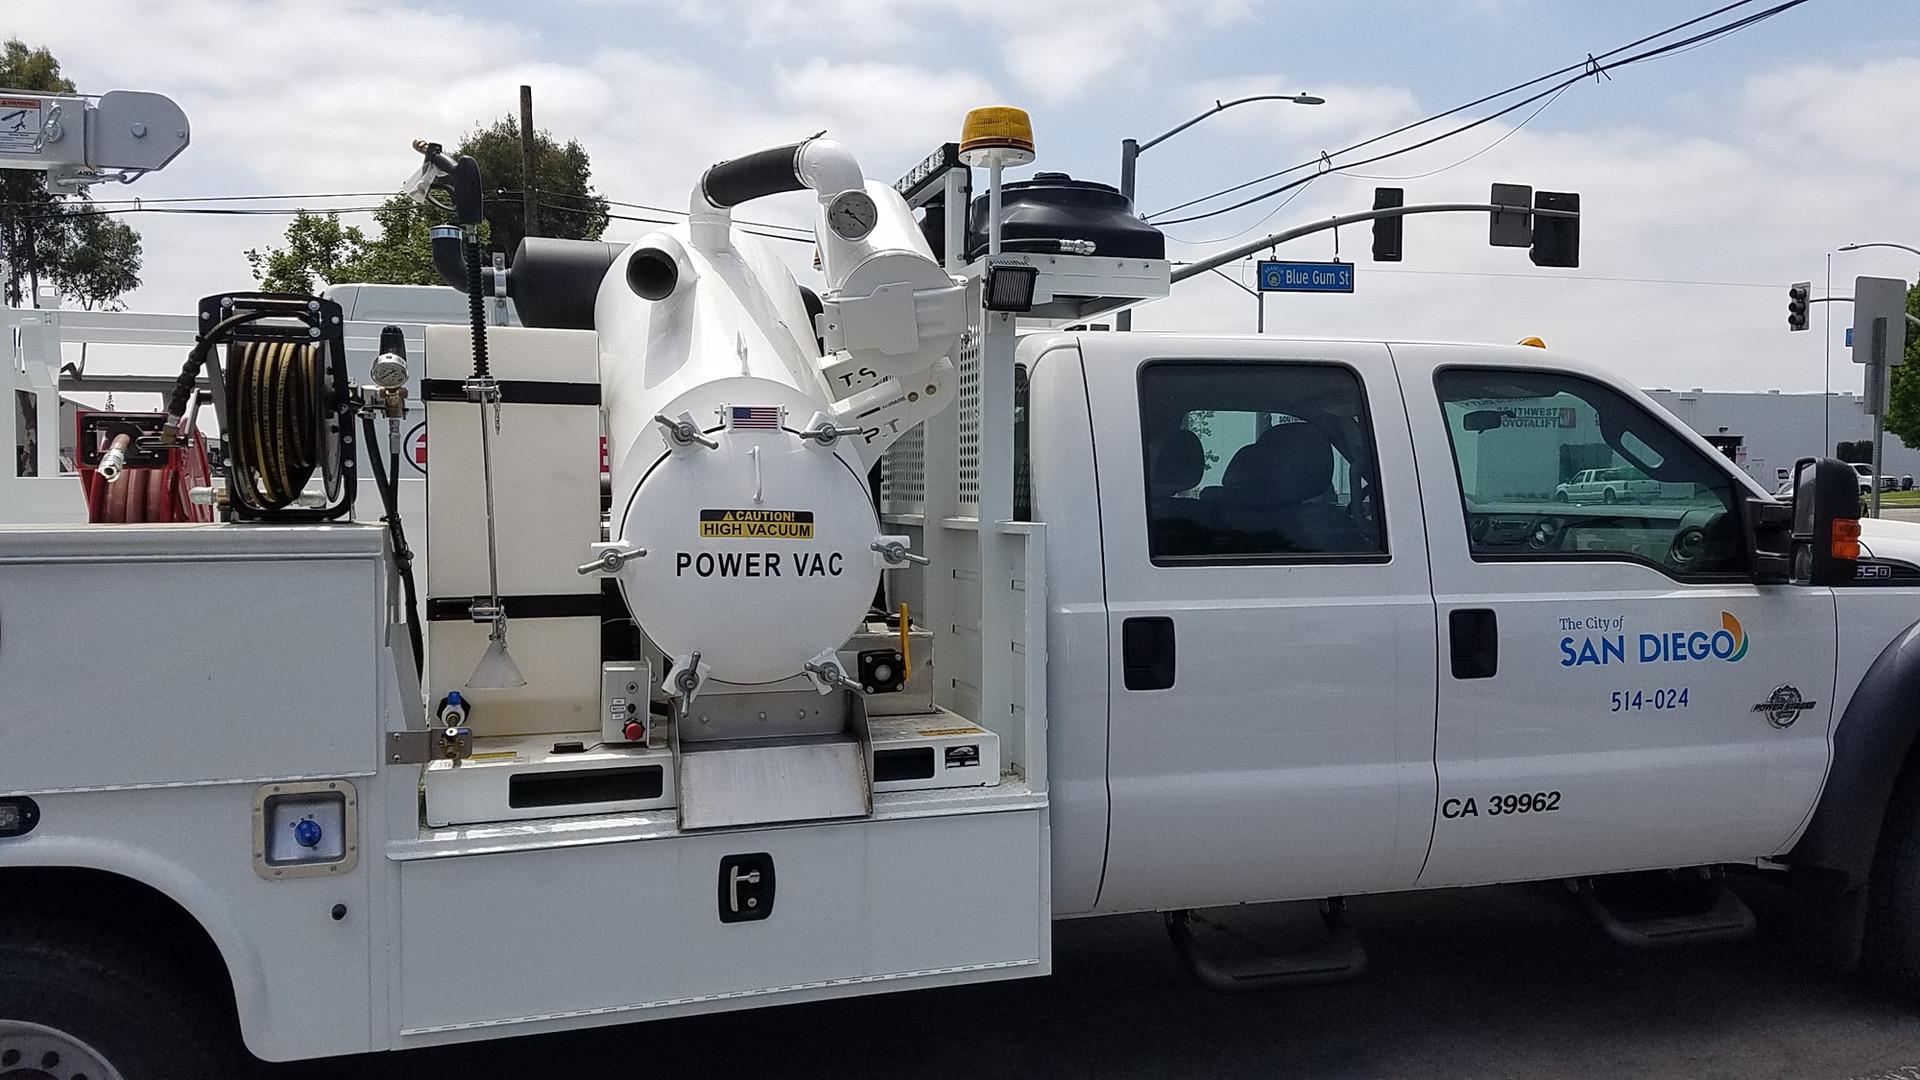 180605-PV66-D1W Skid on F550_San Diego.j